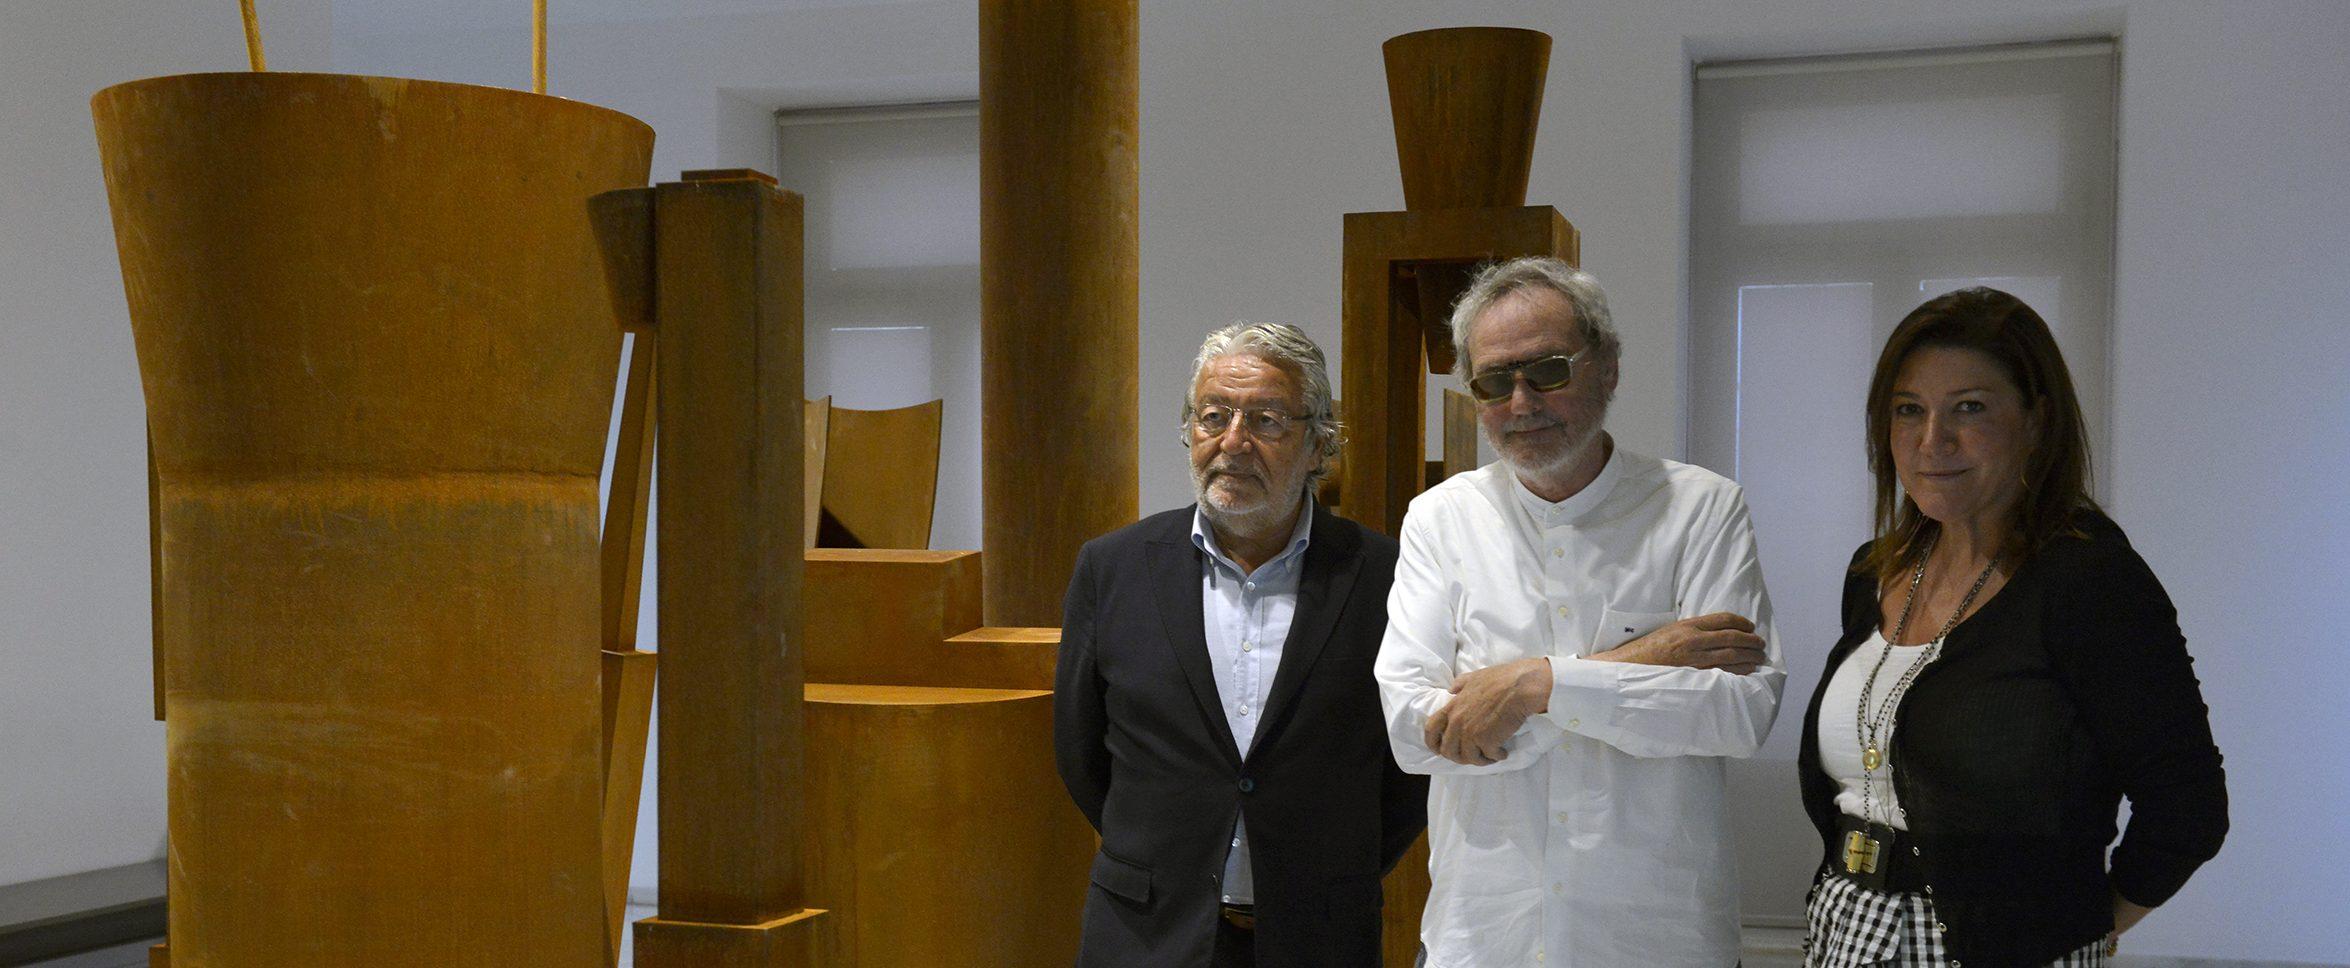 R. Alcón, M. Navarro y L. Durán, junto a Ciudad de las torres